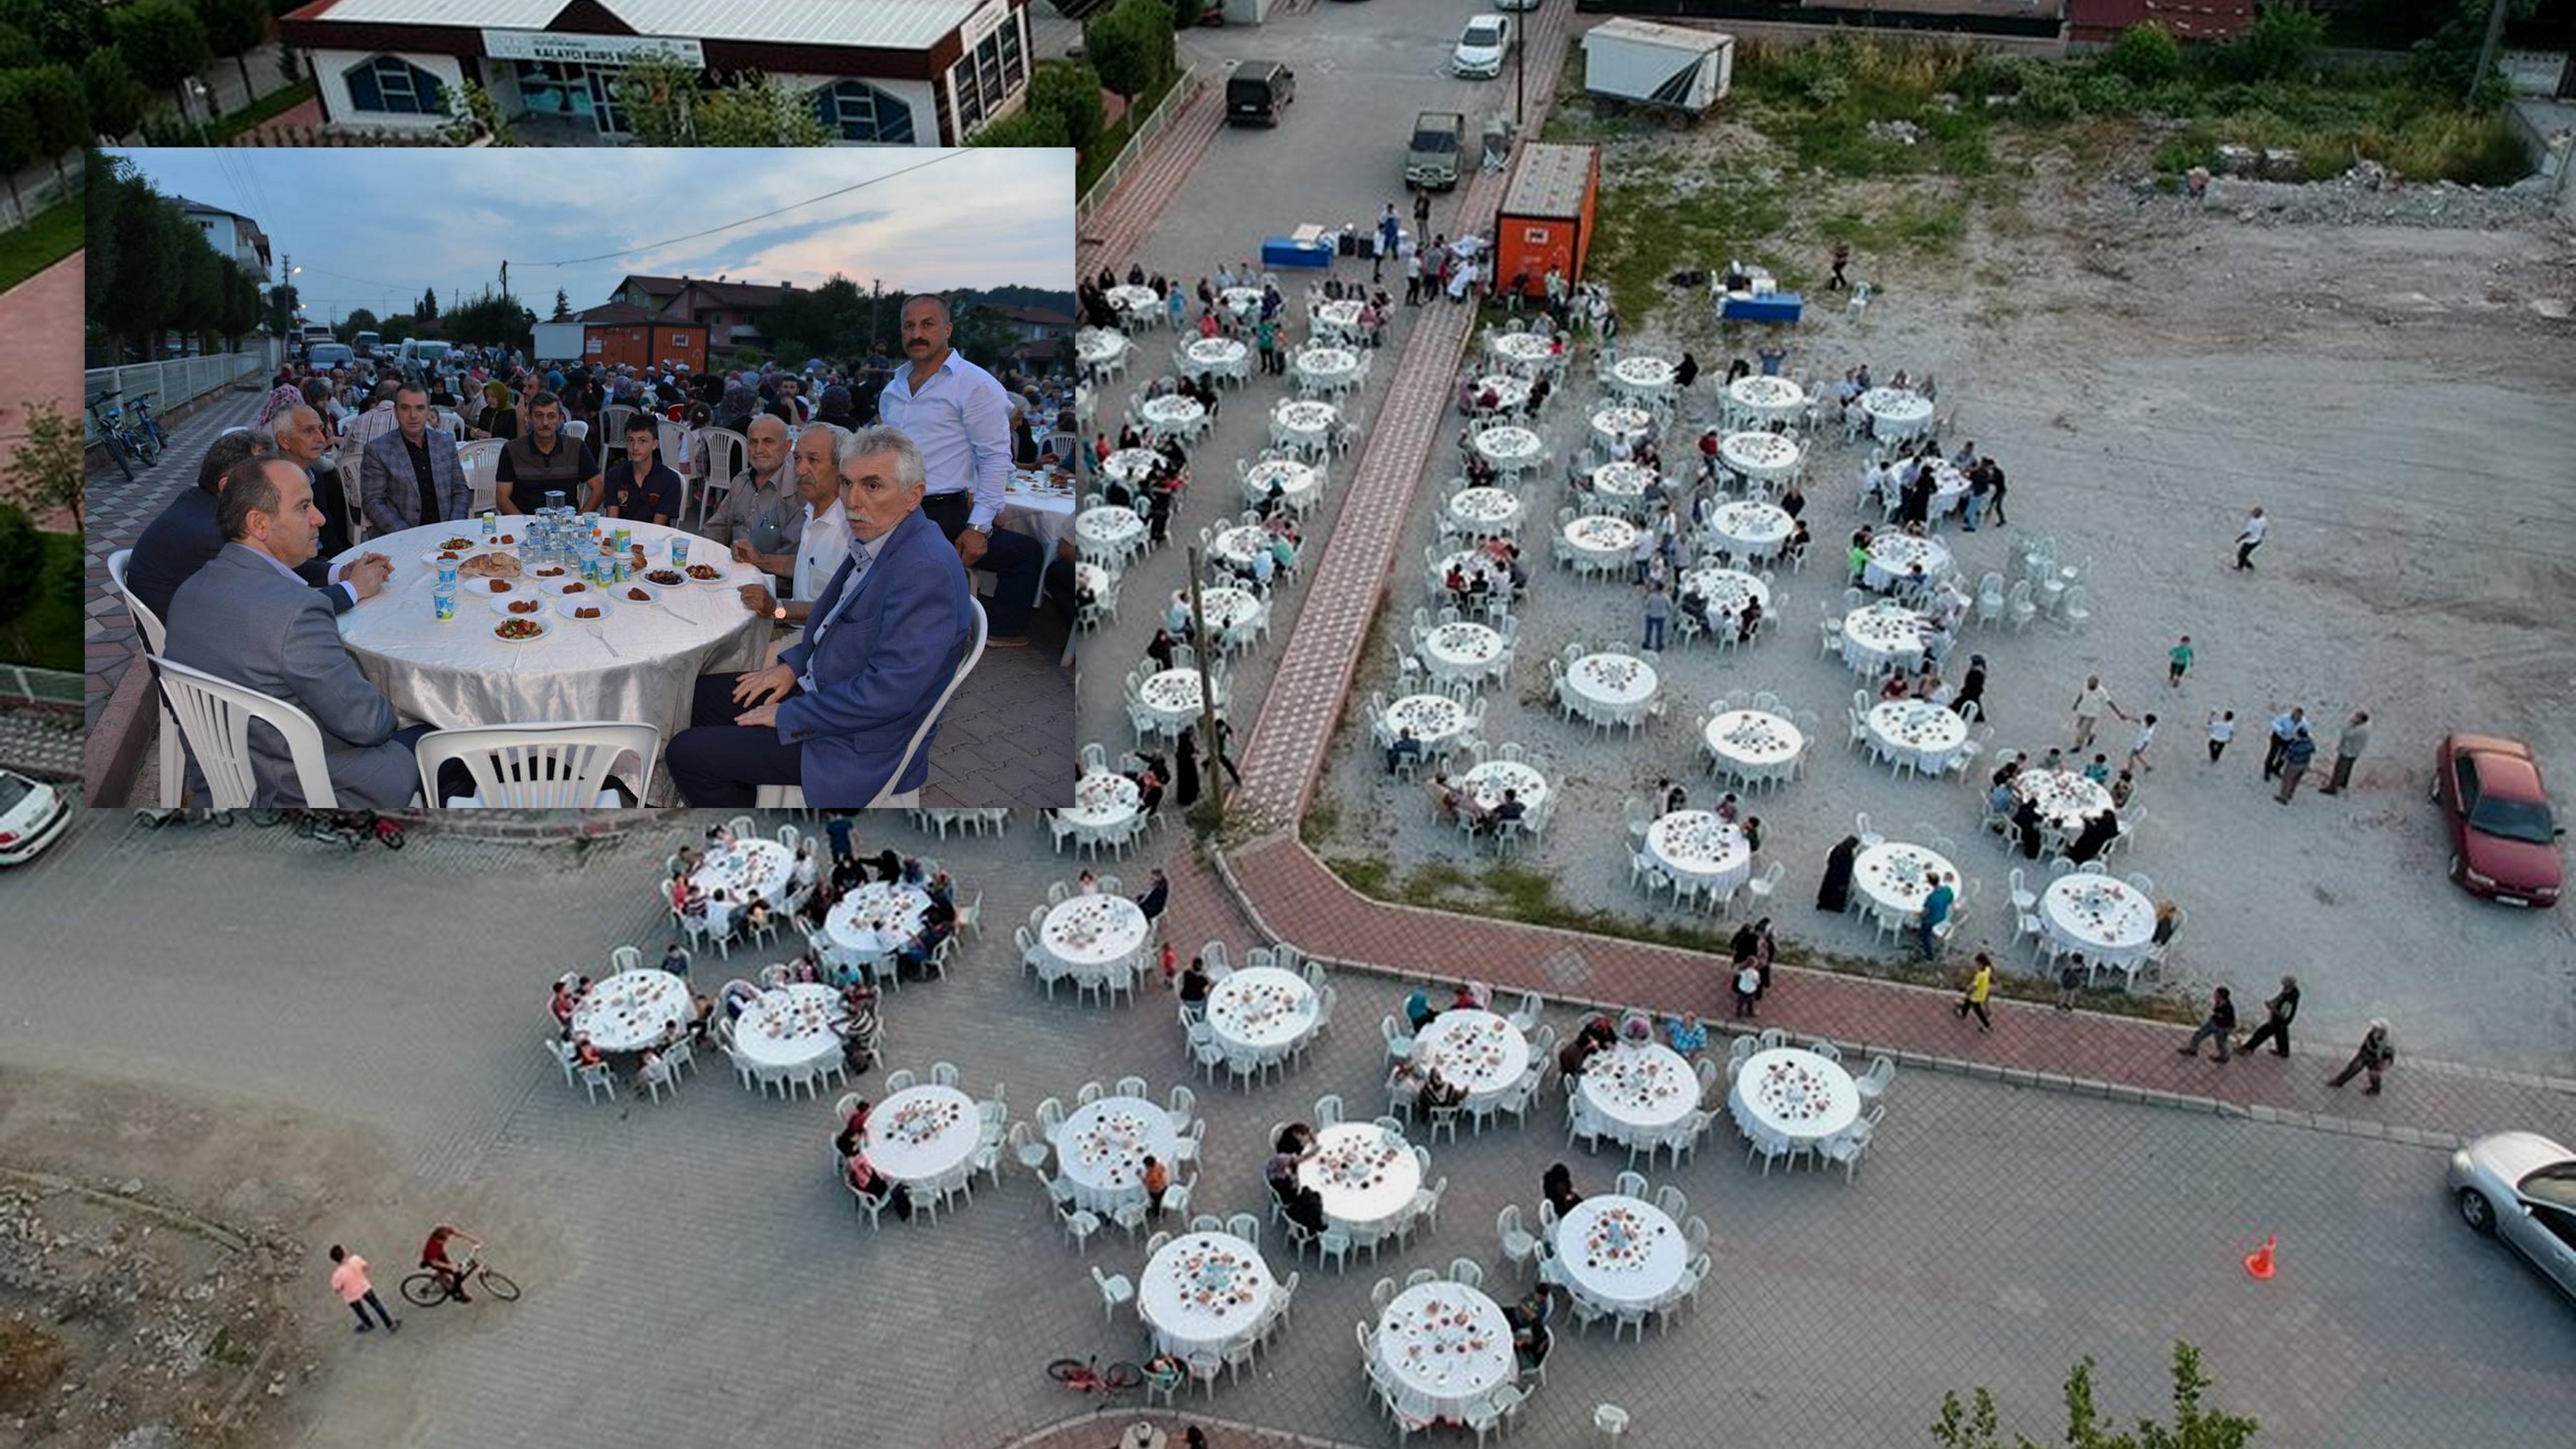 Geleneksel Cumhuriyet Mahallesi iftarı gerçekleşti